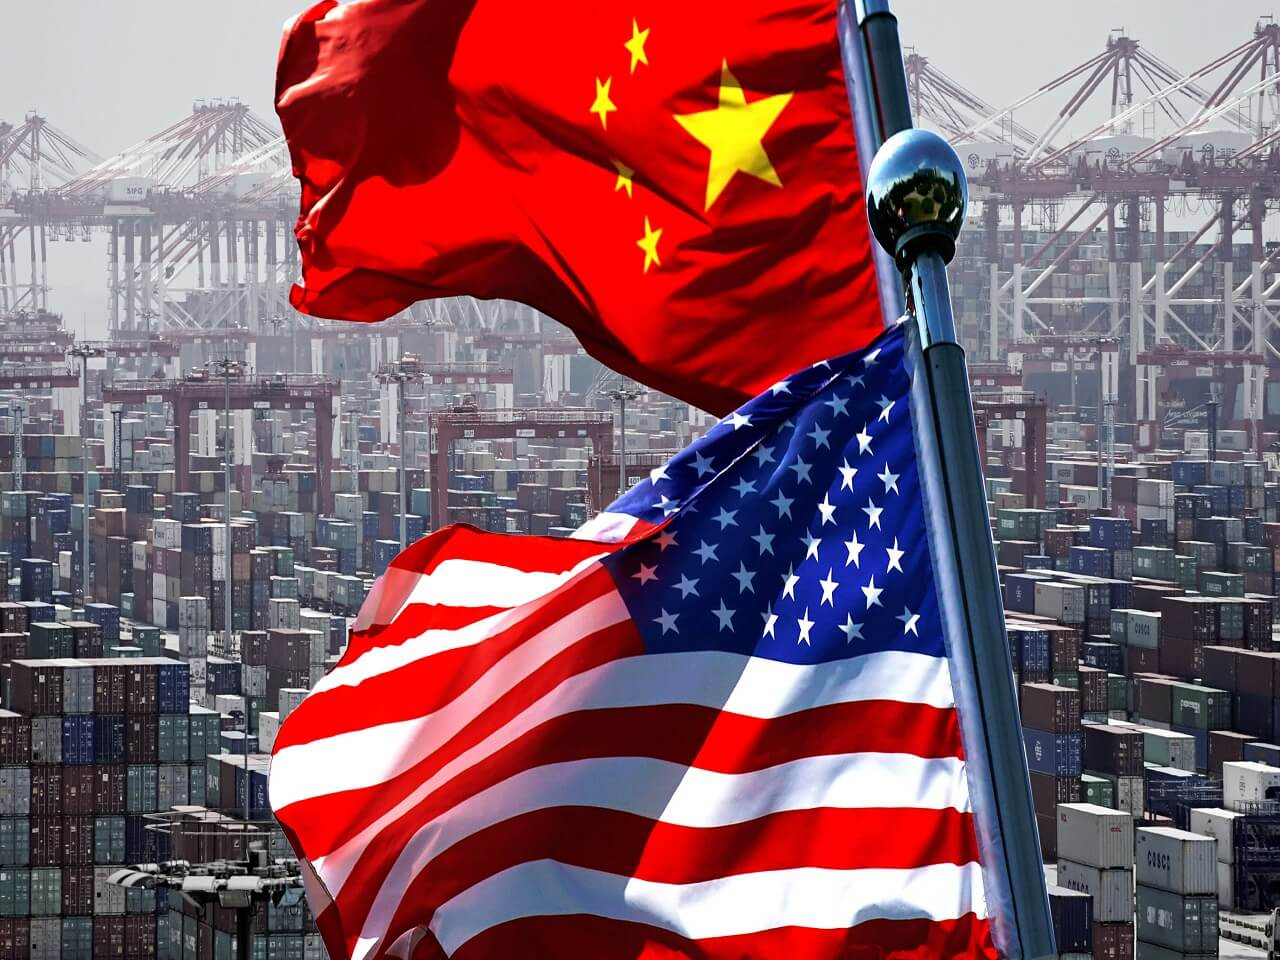 ABD ile Çin Ticaret Savaşında Ön Anlaşmaya Varıldı